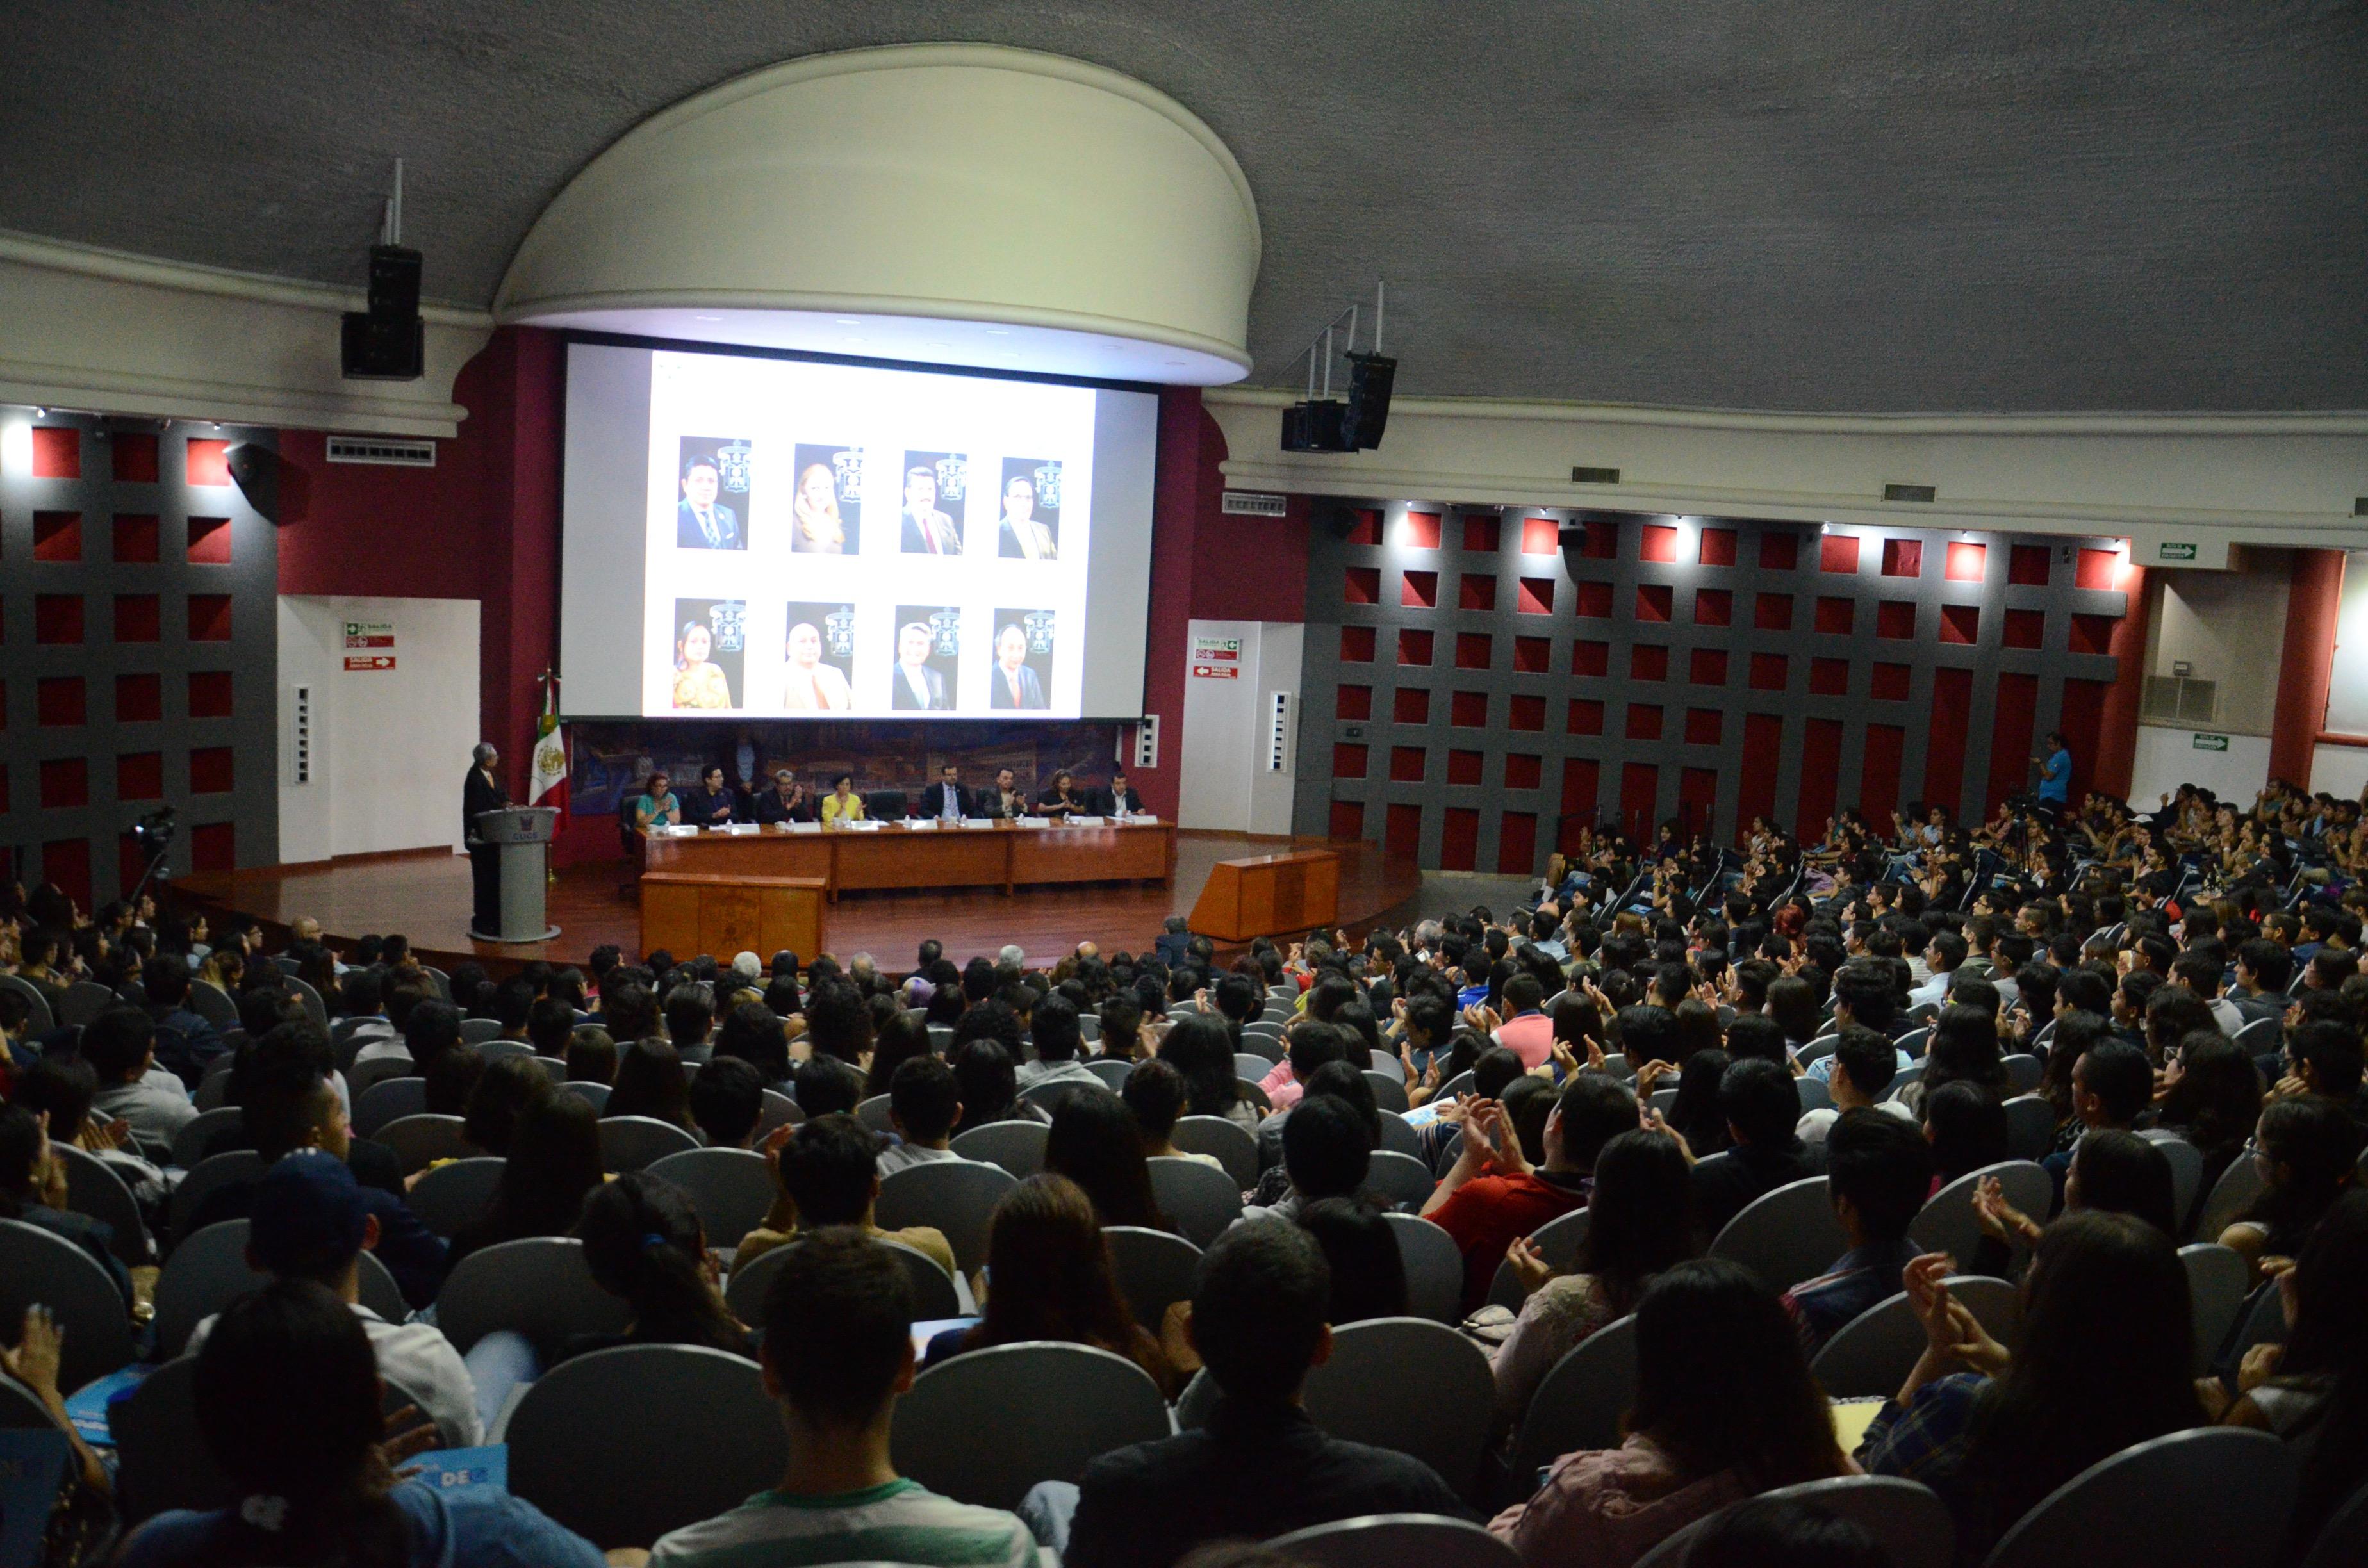 Vista general del auditorio que permite ver lleno total